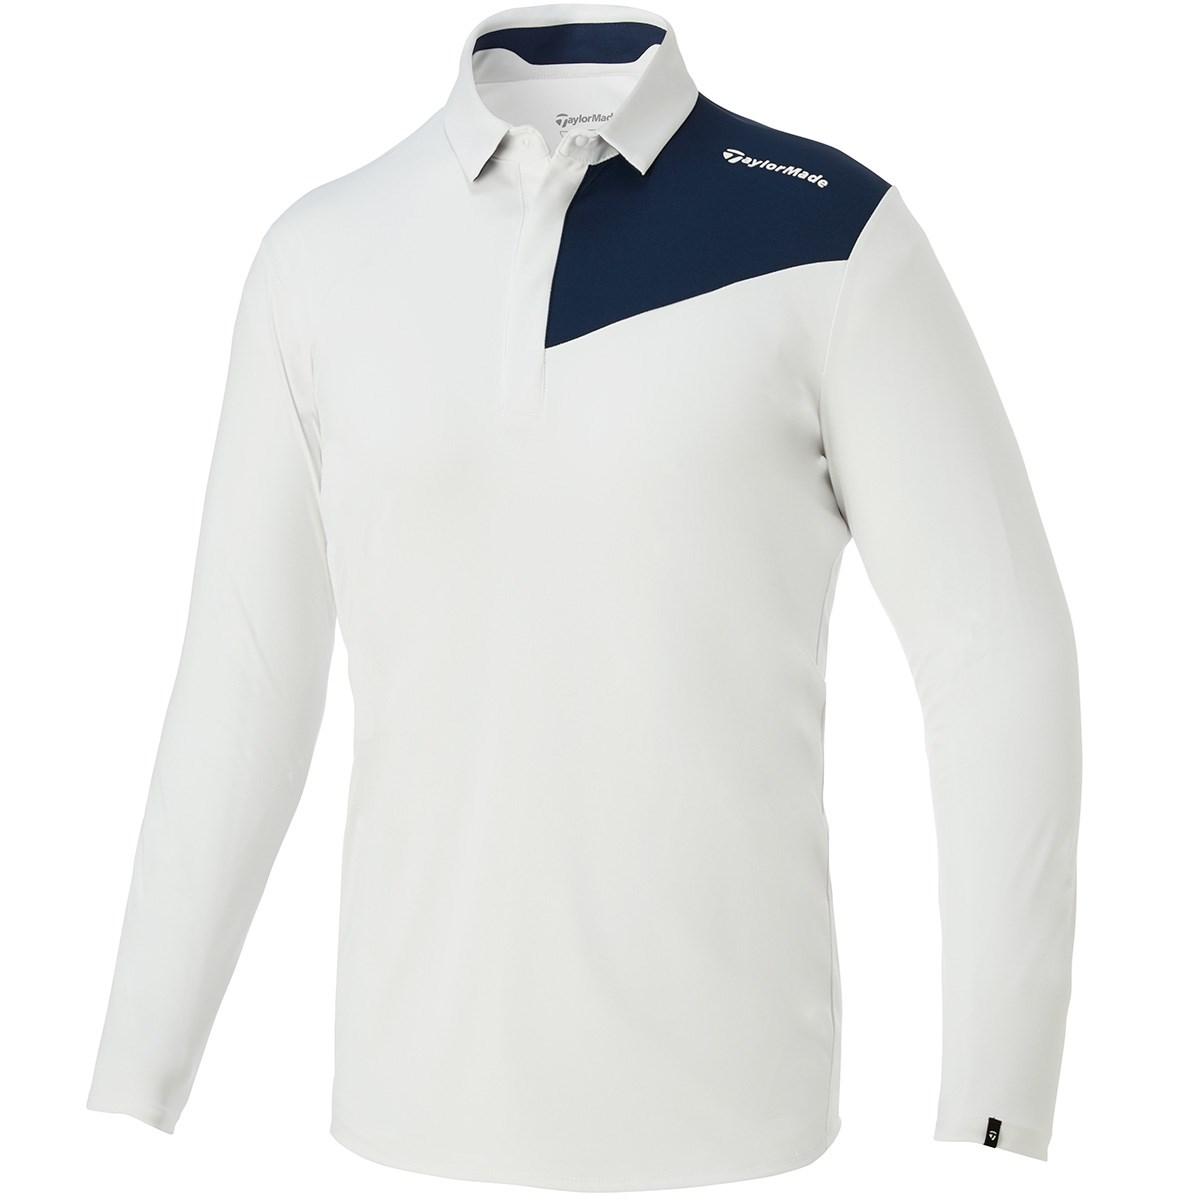 テーラーメイド(Taylor Made) ストレッチ バイカラー長袖ポロシャツ